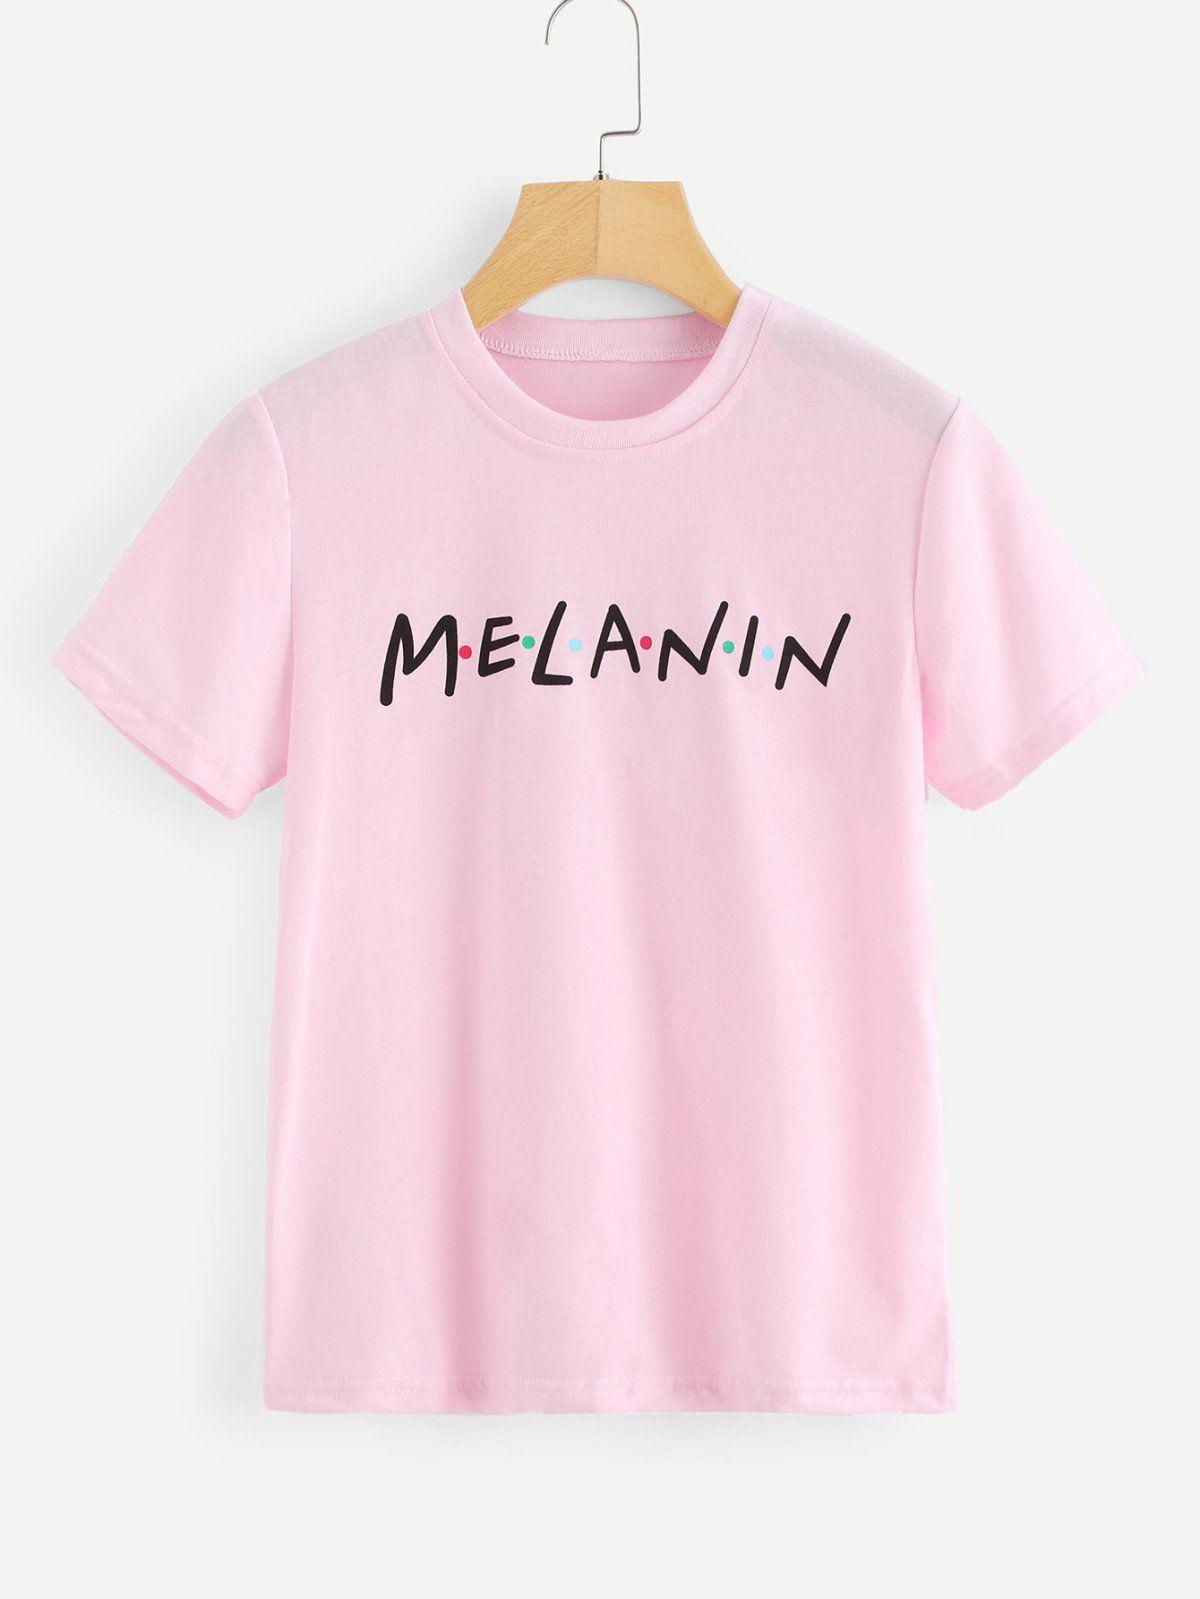 c391e4123b1471 Letter Print Melanin T-Shirt | c l o t h e s ♀ | Melanin shirt ...